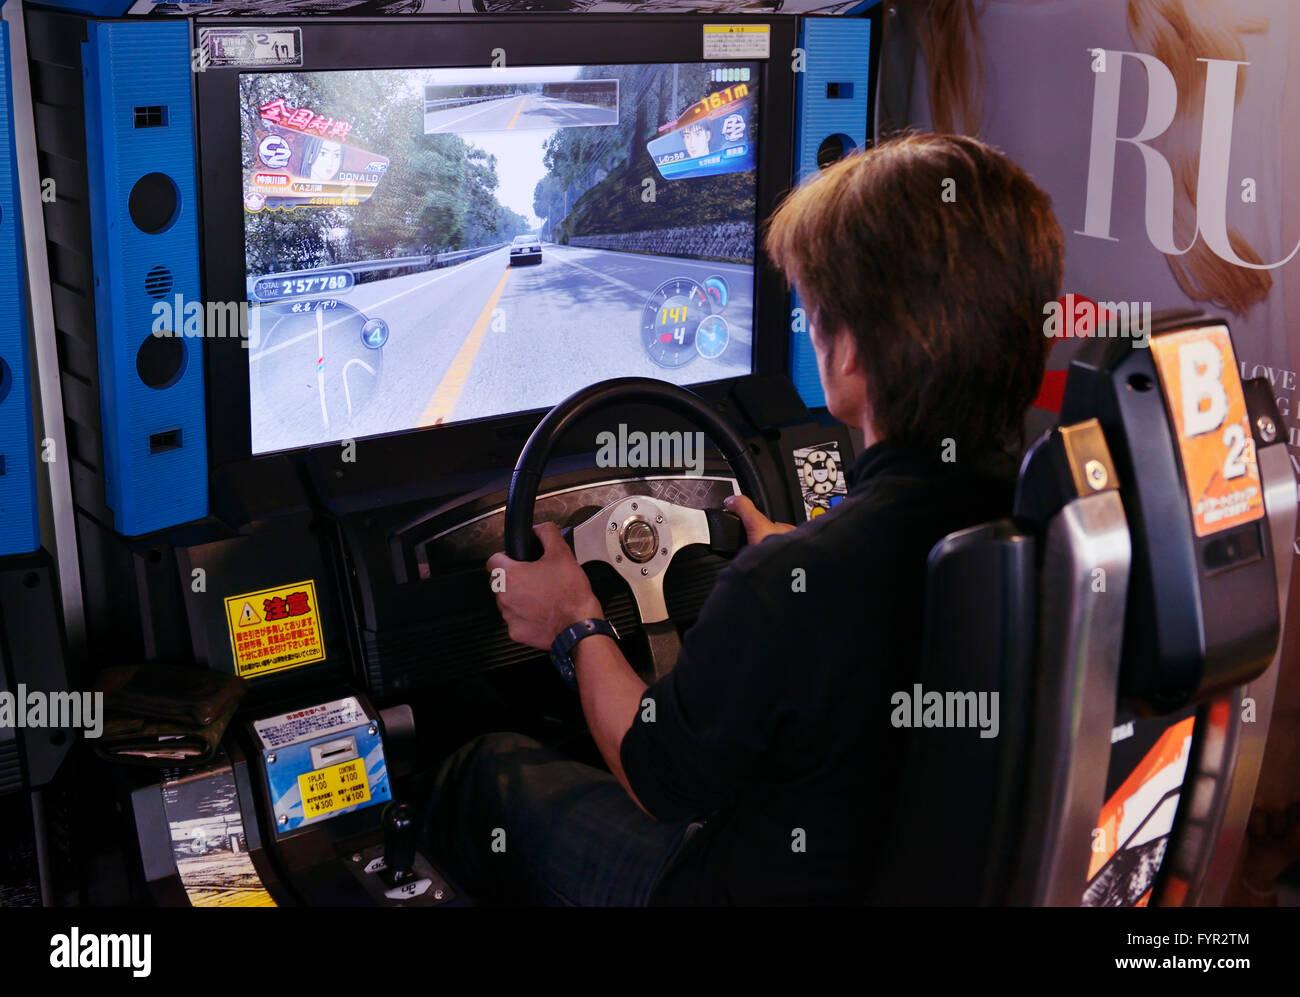 Personne jouant jeu vidéo de machine à sous une arcade, Tokyo, Japon Photo Stock